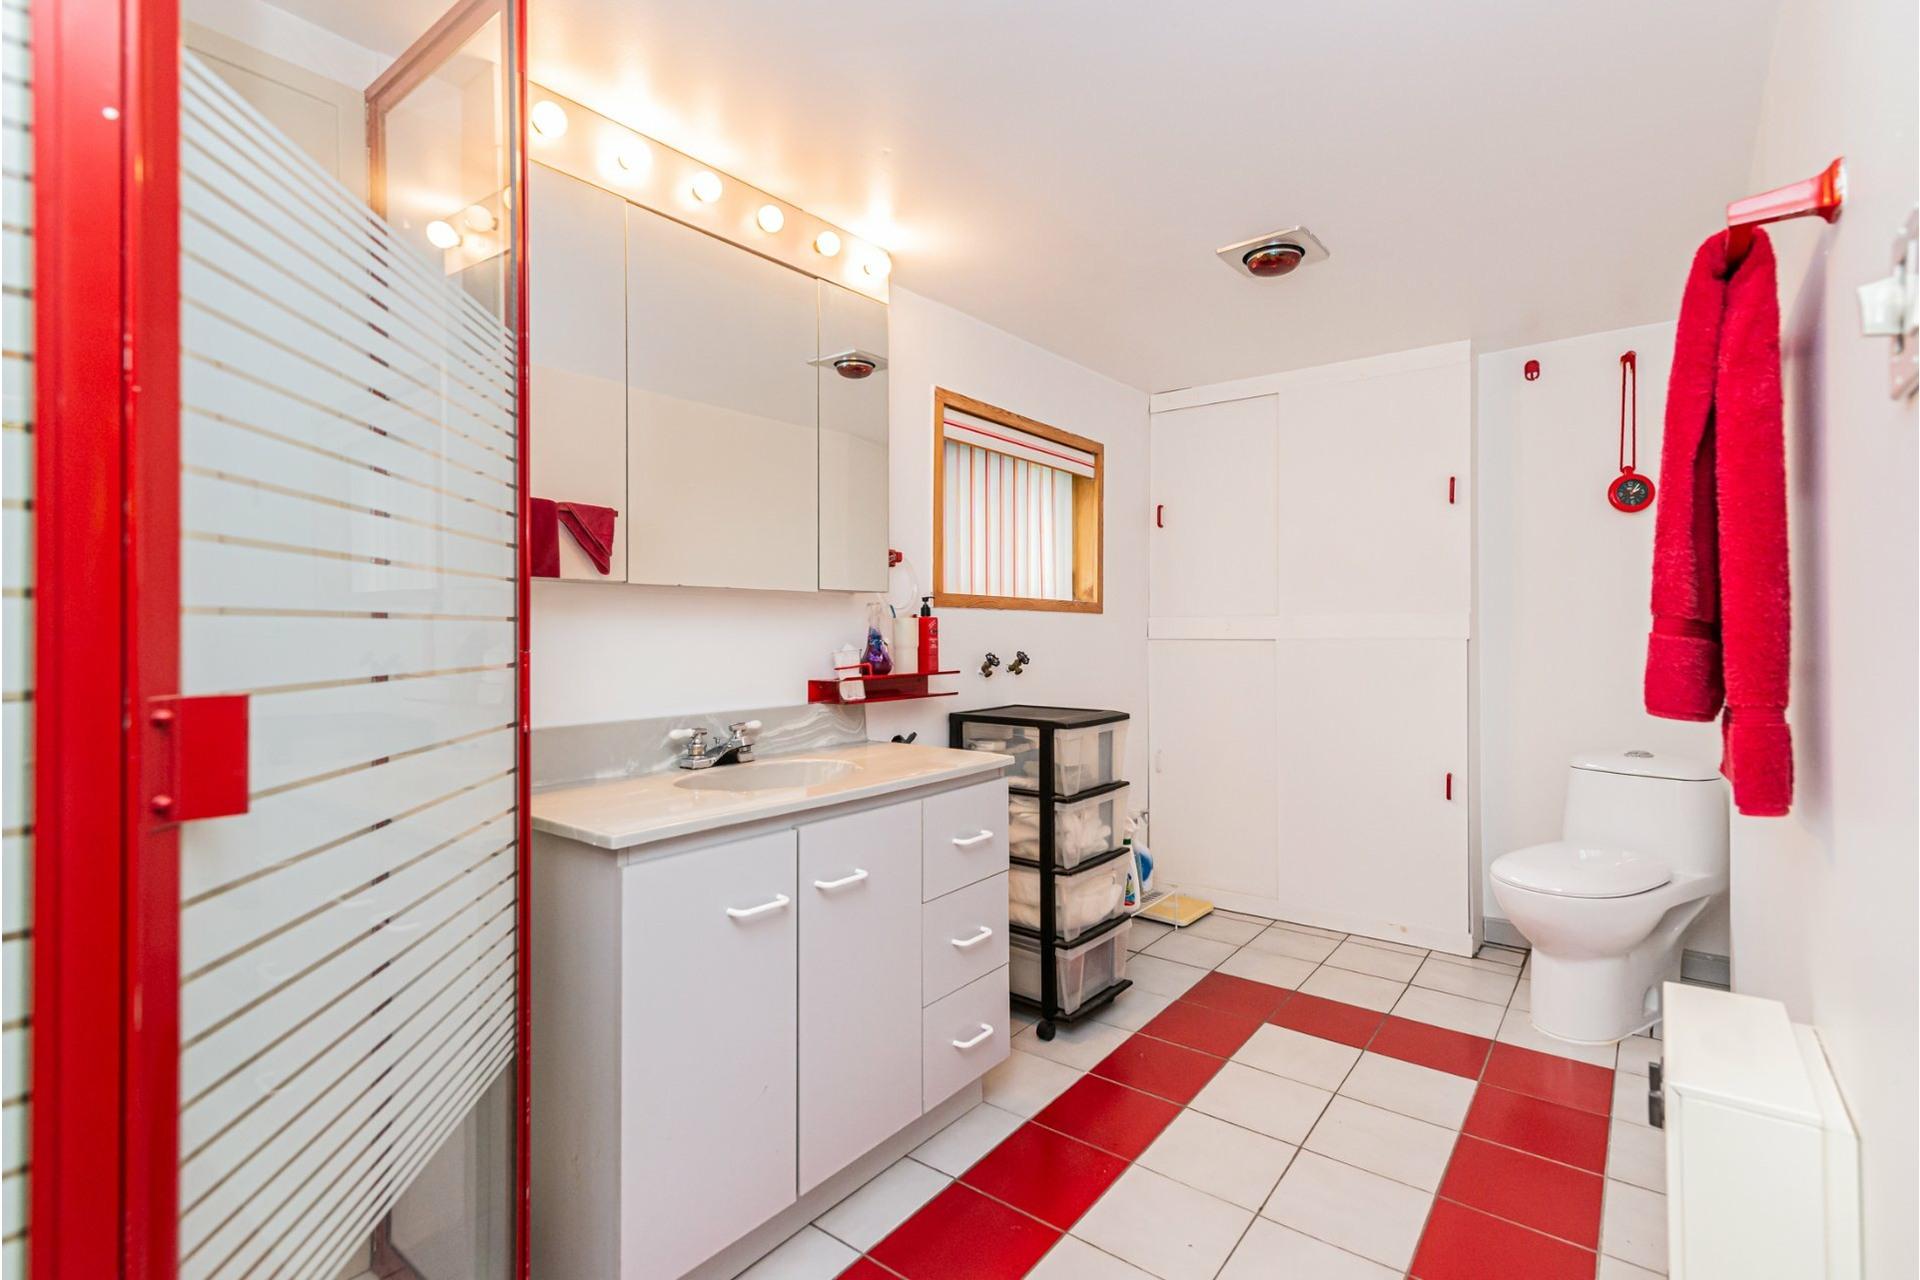 image 16 - Duplex À vendre Mercier/Hochelaga-Maisonneuve Montréal  - 4 pièces